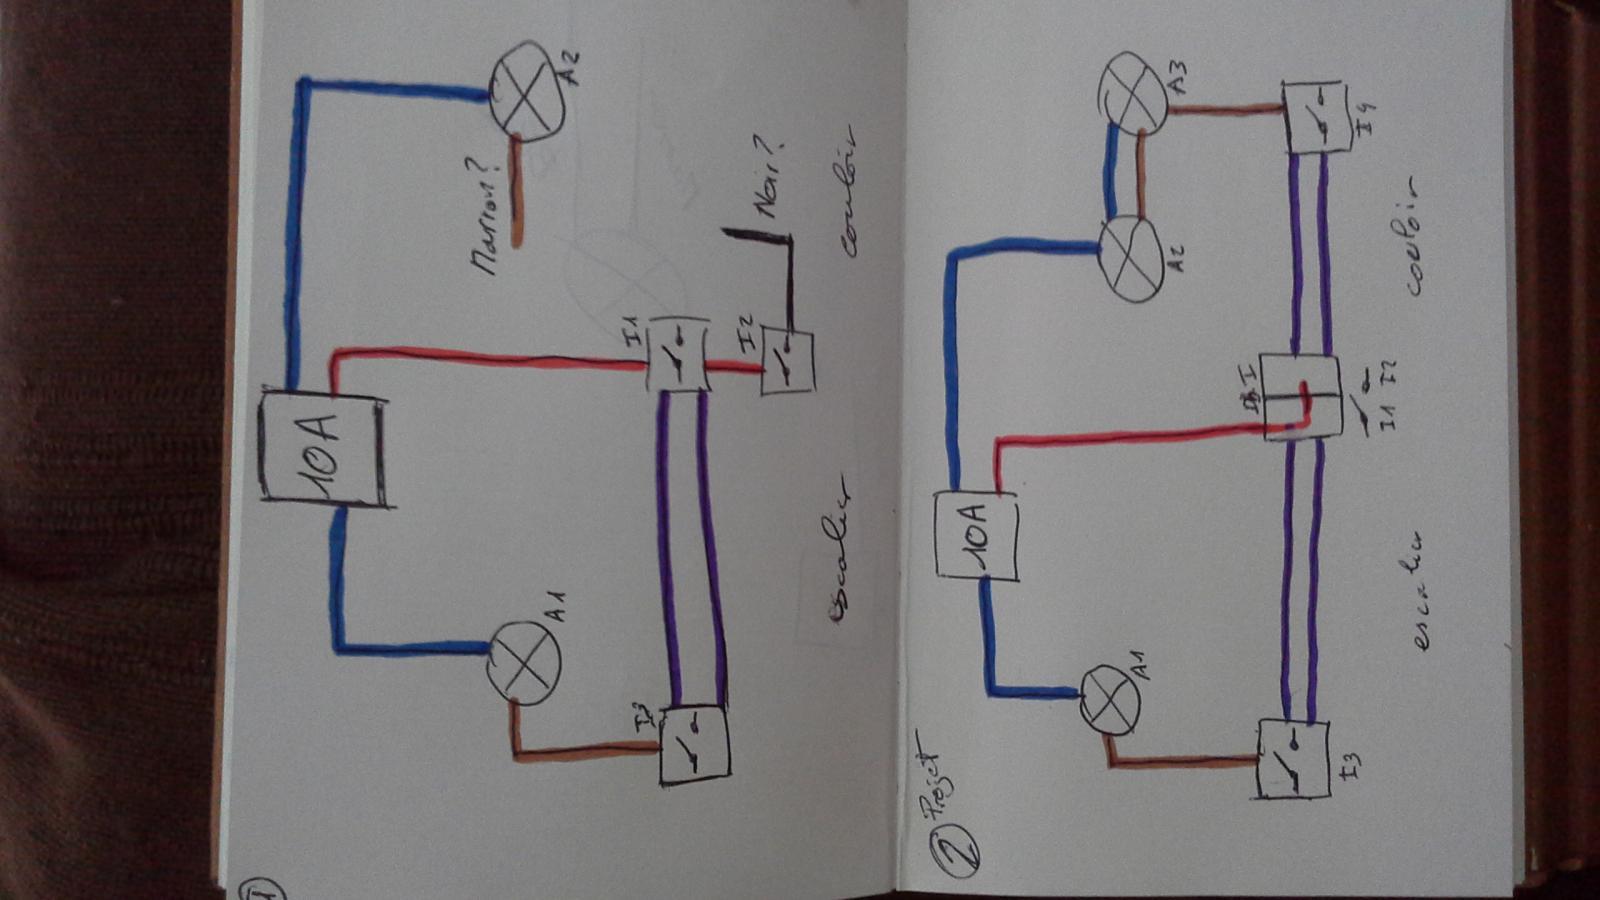 Sch ma electrique ajout va et vient double interrupteur ampoule - Schema va et vient electrique ...